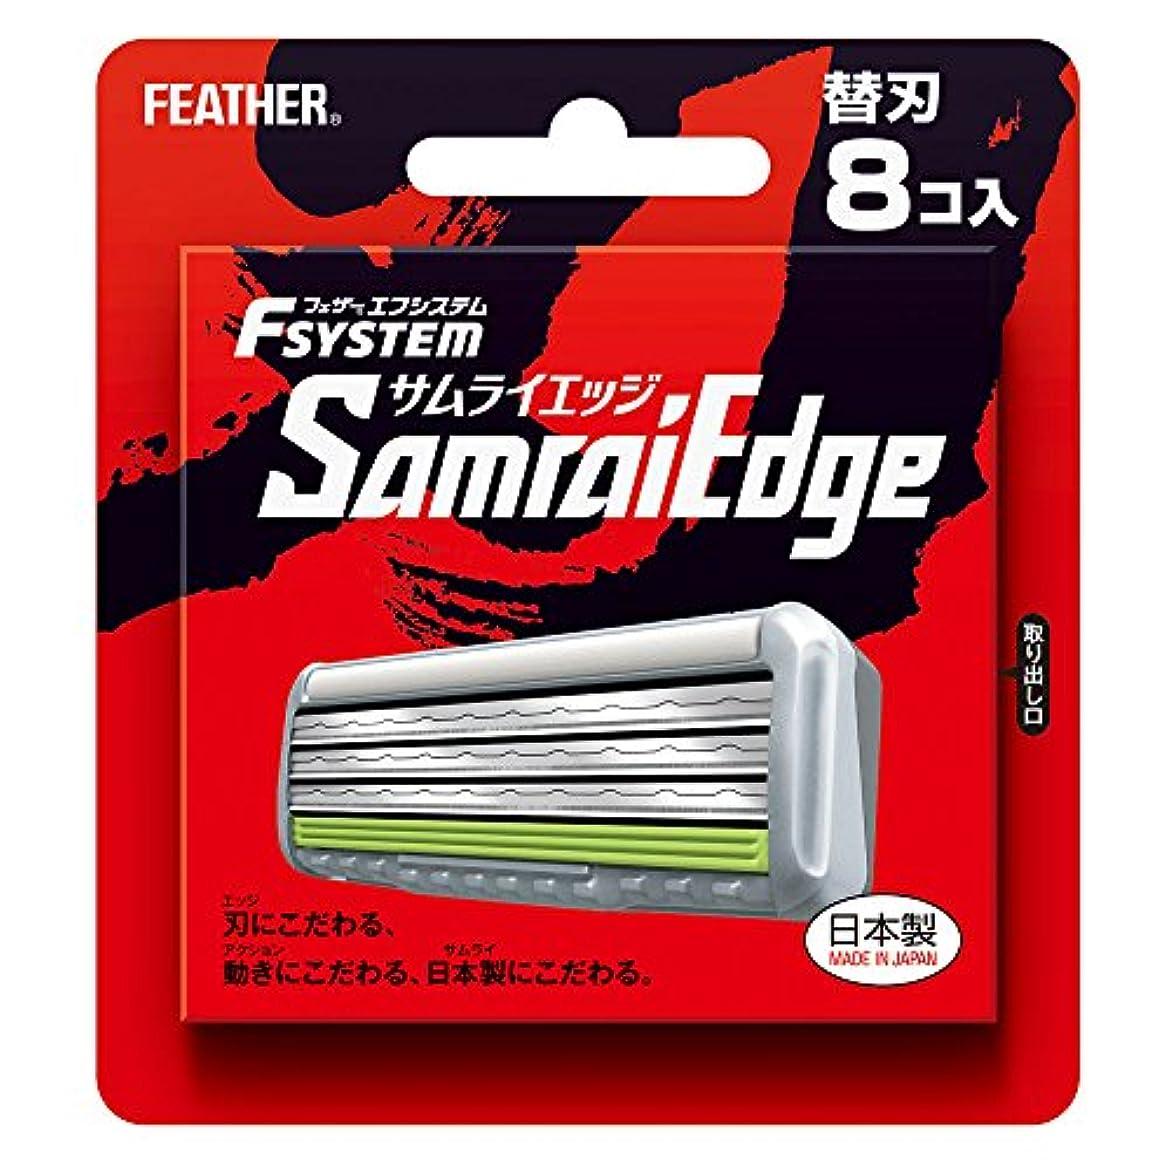 予備パキスタン人未来フェザー エフシステム 替刃 サムライエッジ 8コ入 (日本製)